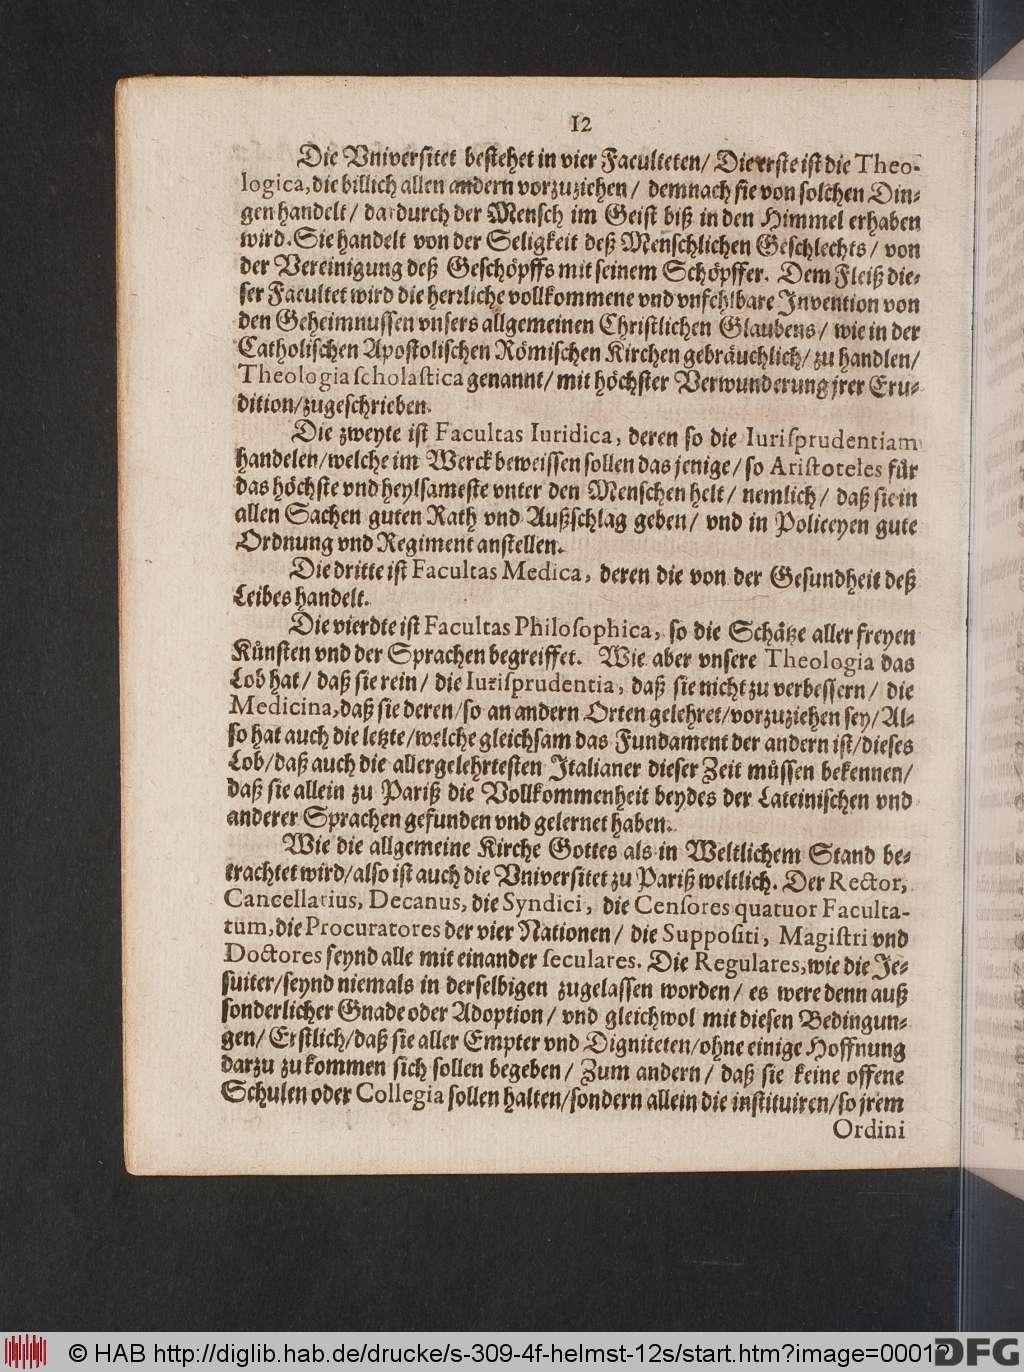 http://diglib.hab.de/drucke/s-309-4f-helmst-12s/00012.jpg